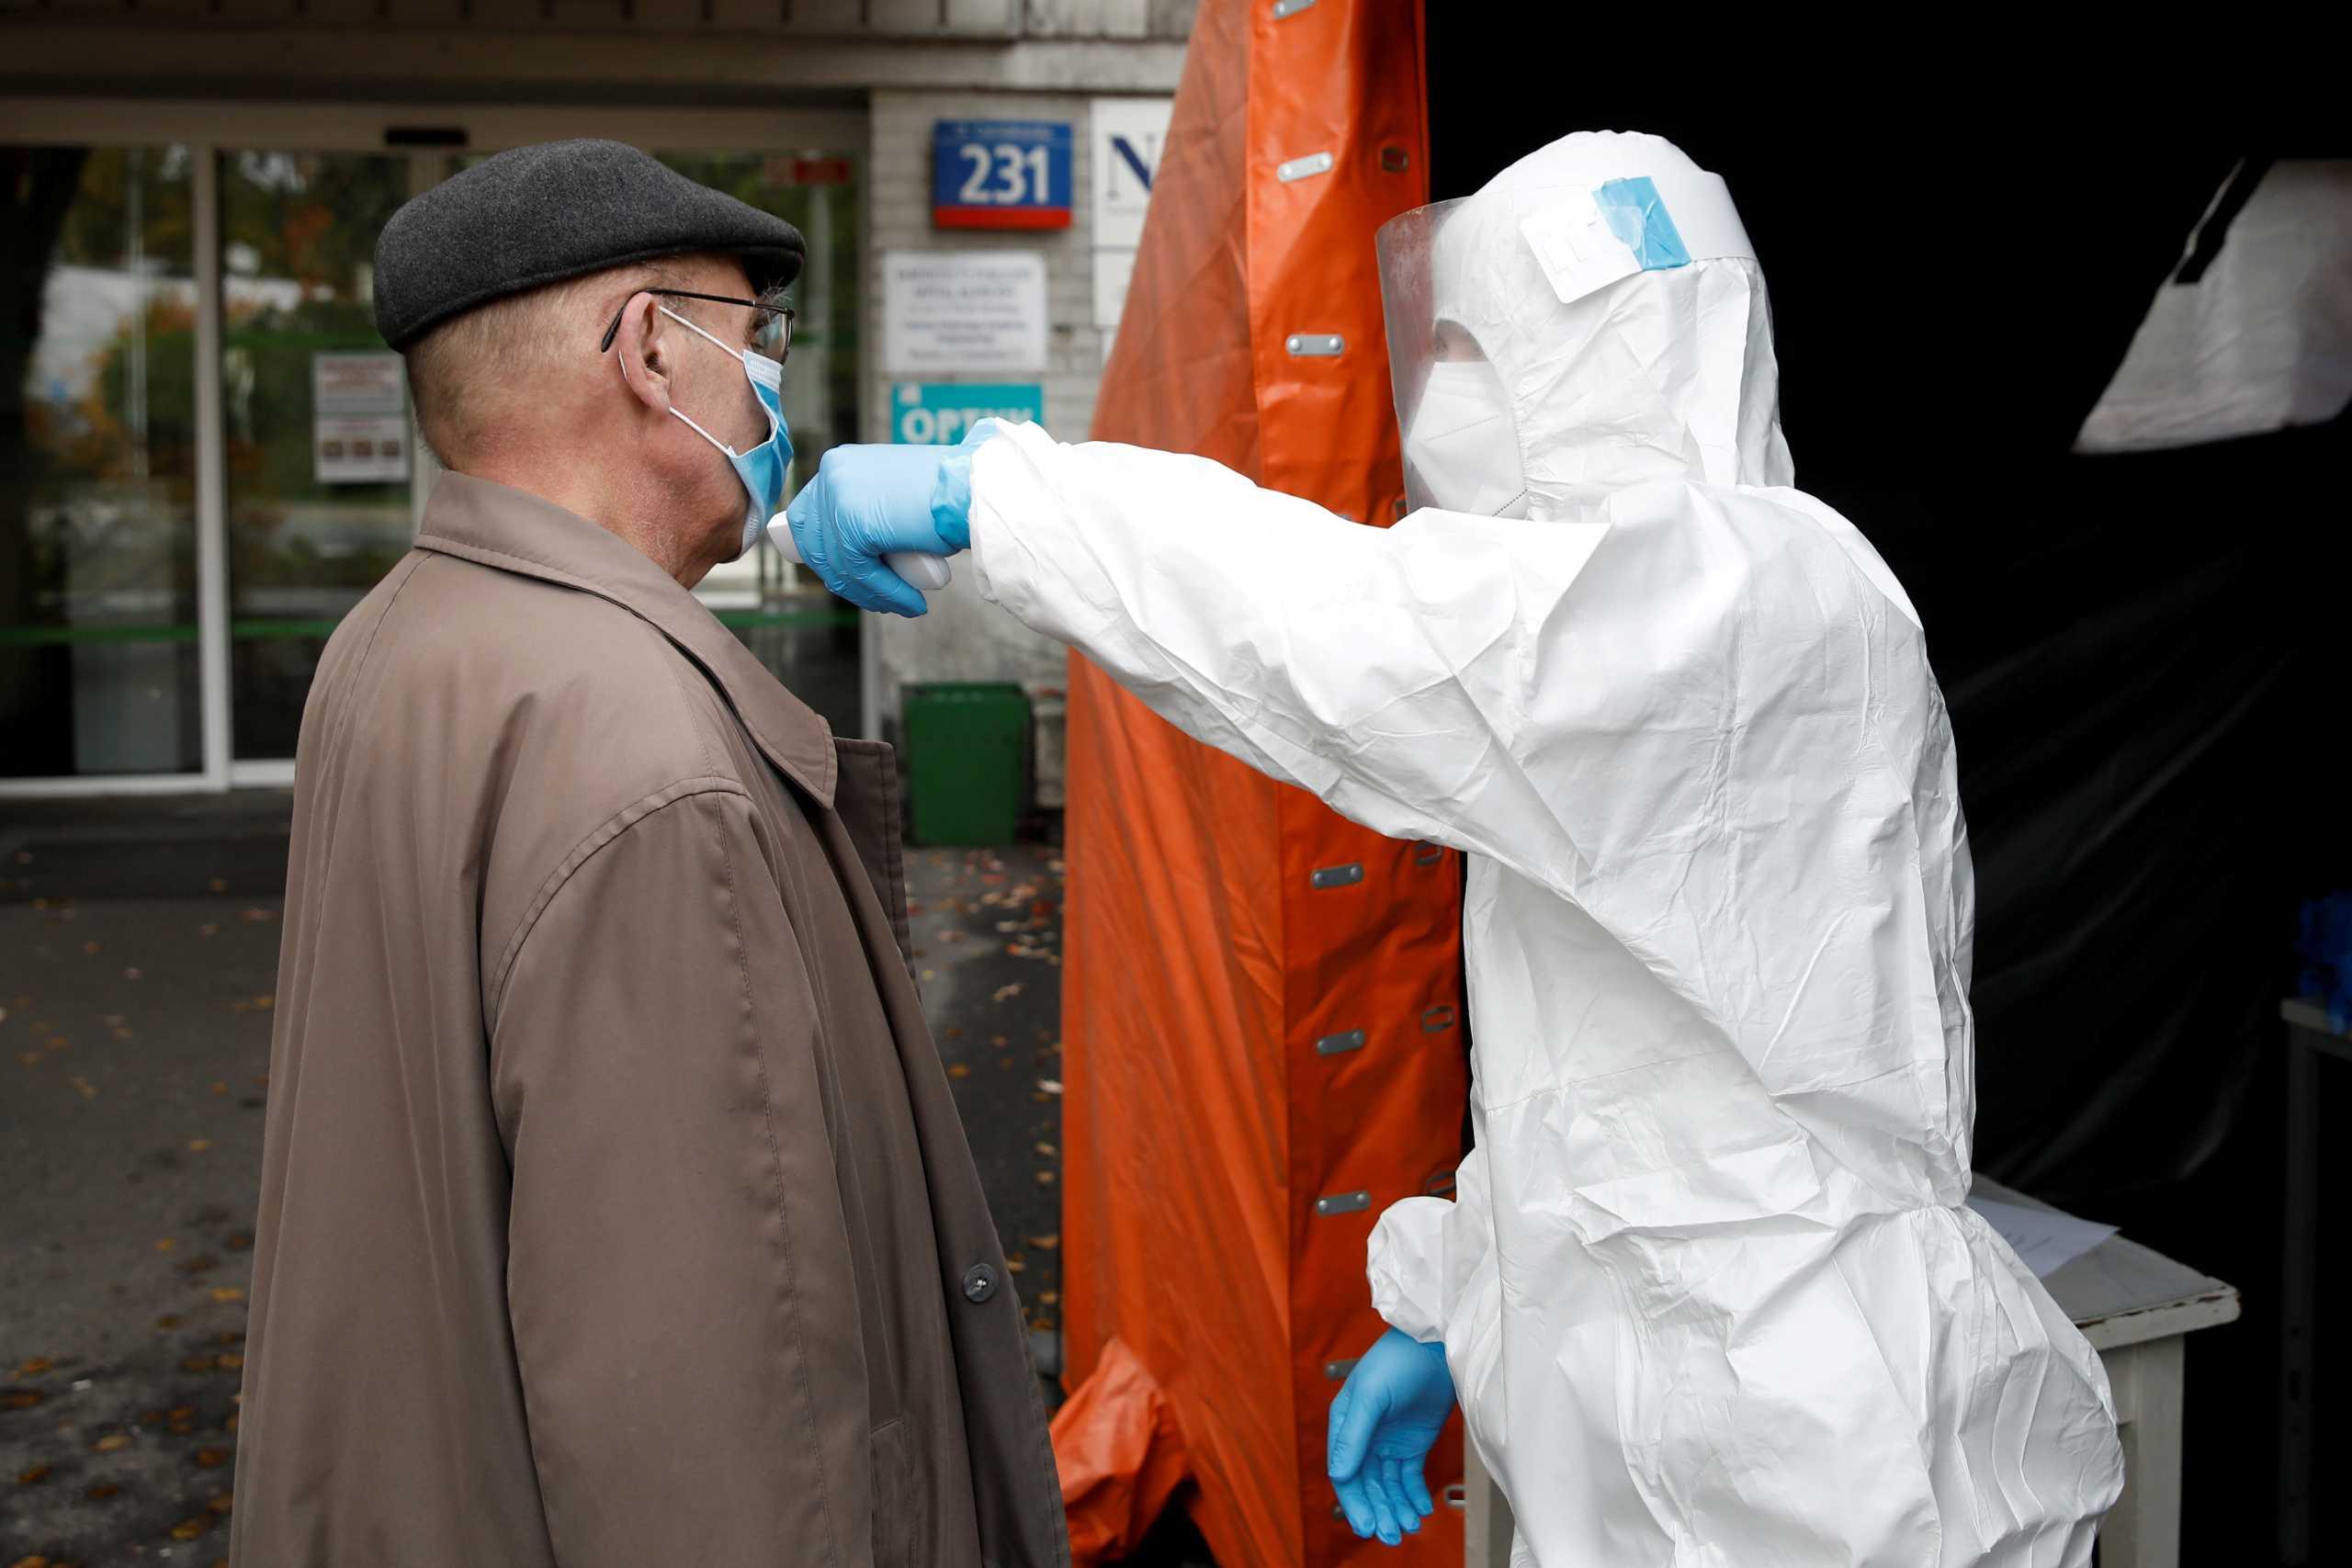 Πολωνία: Αγώνας δρόμου για 3,4 εκατ. εμβολιασμούς το μήνα!